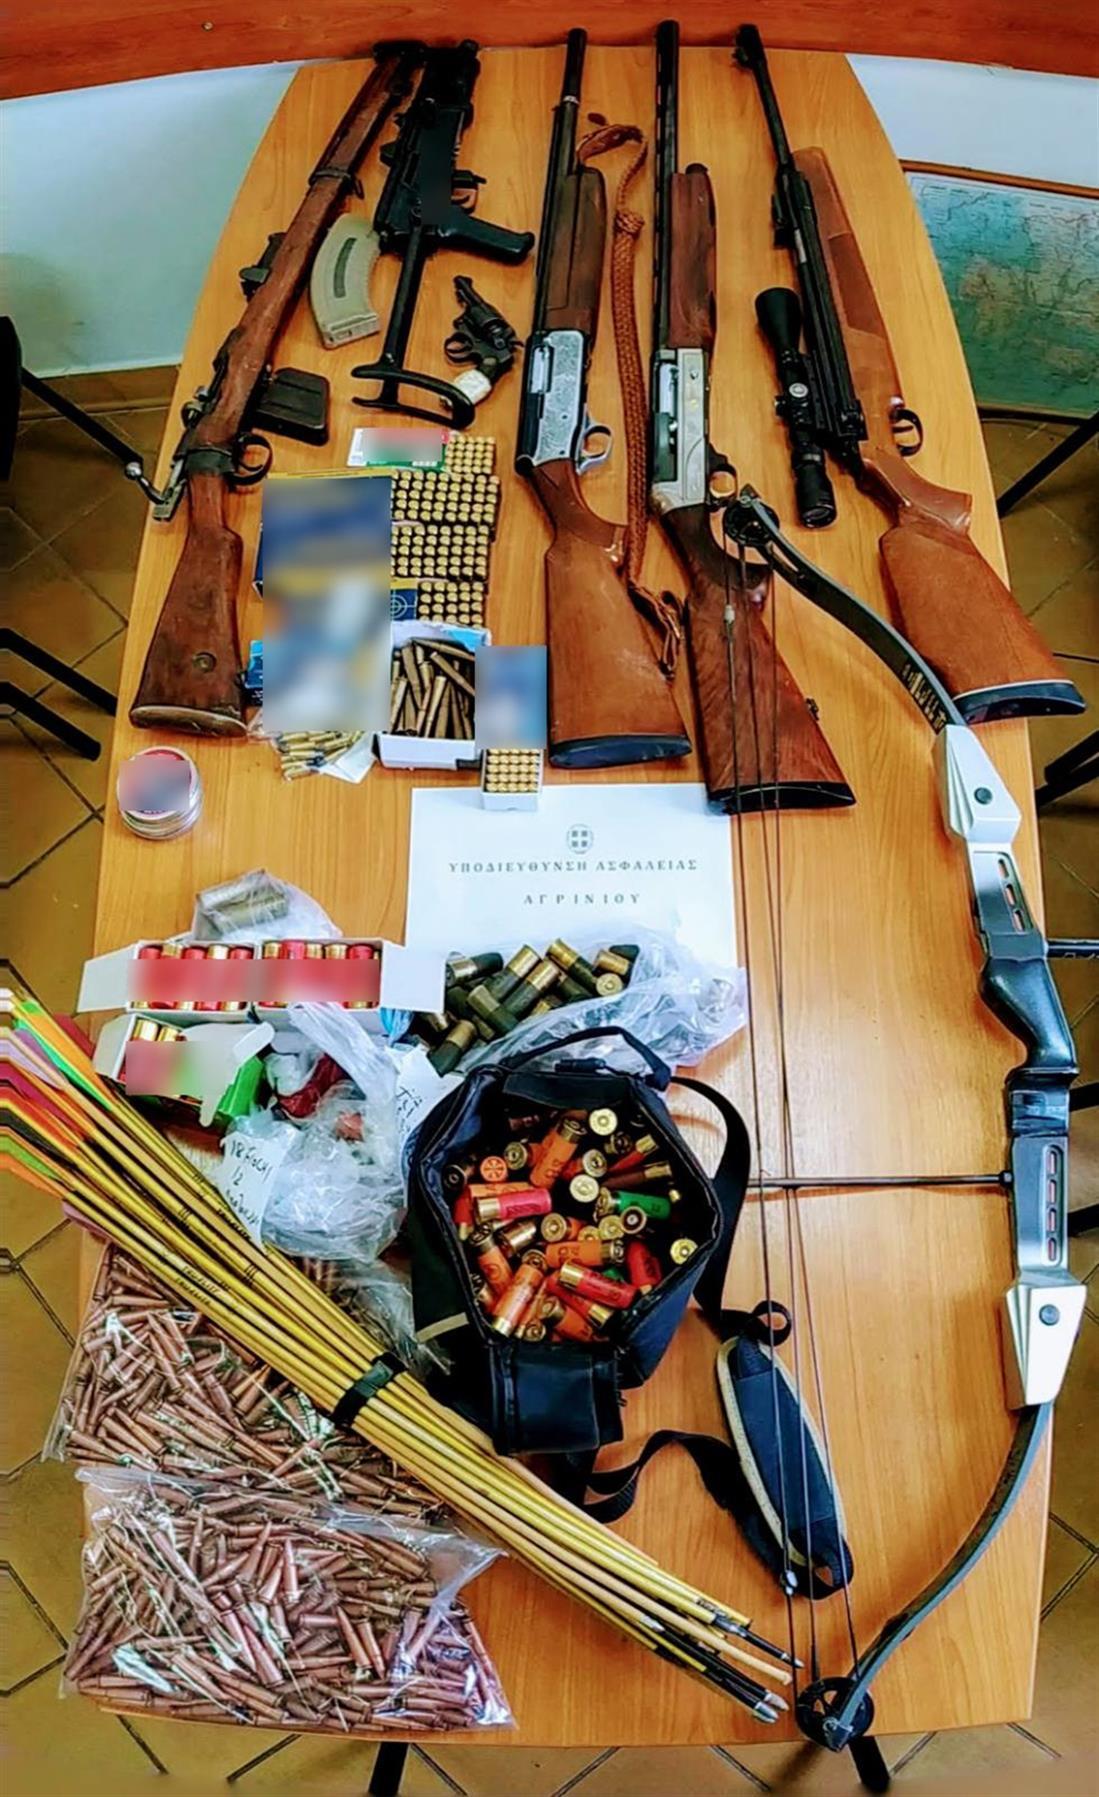 Αγρίνιο - παράνομη κατοχή όπλων